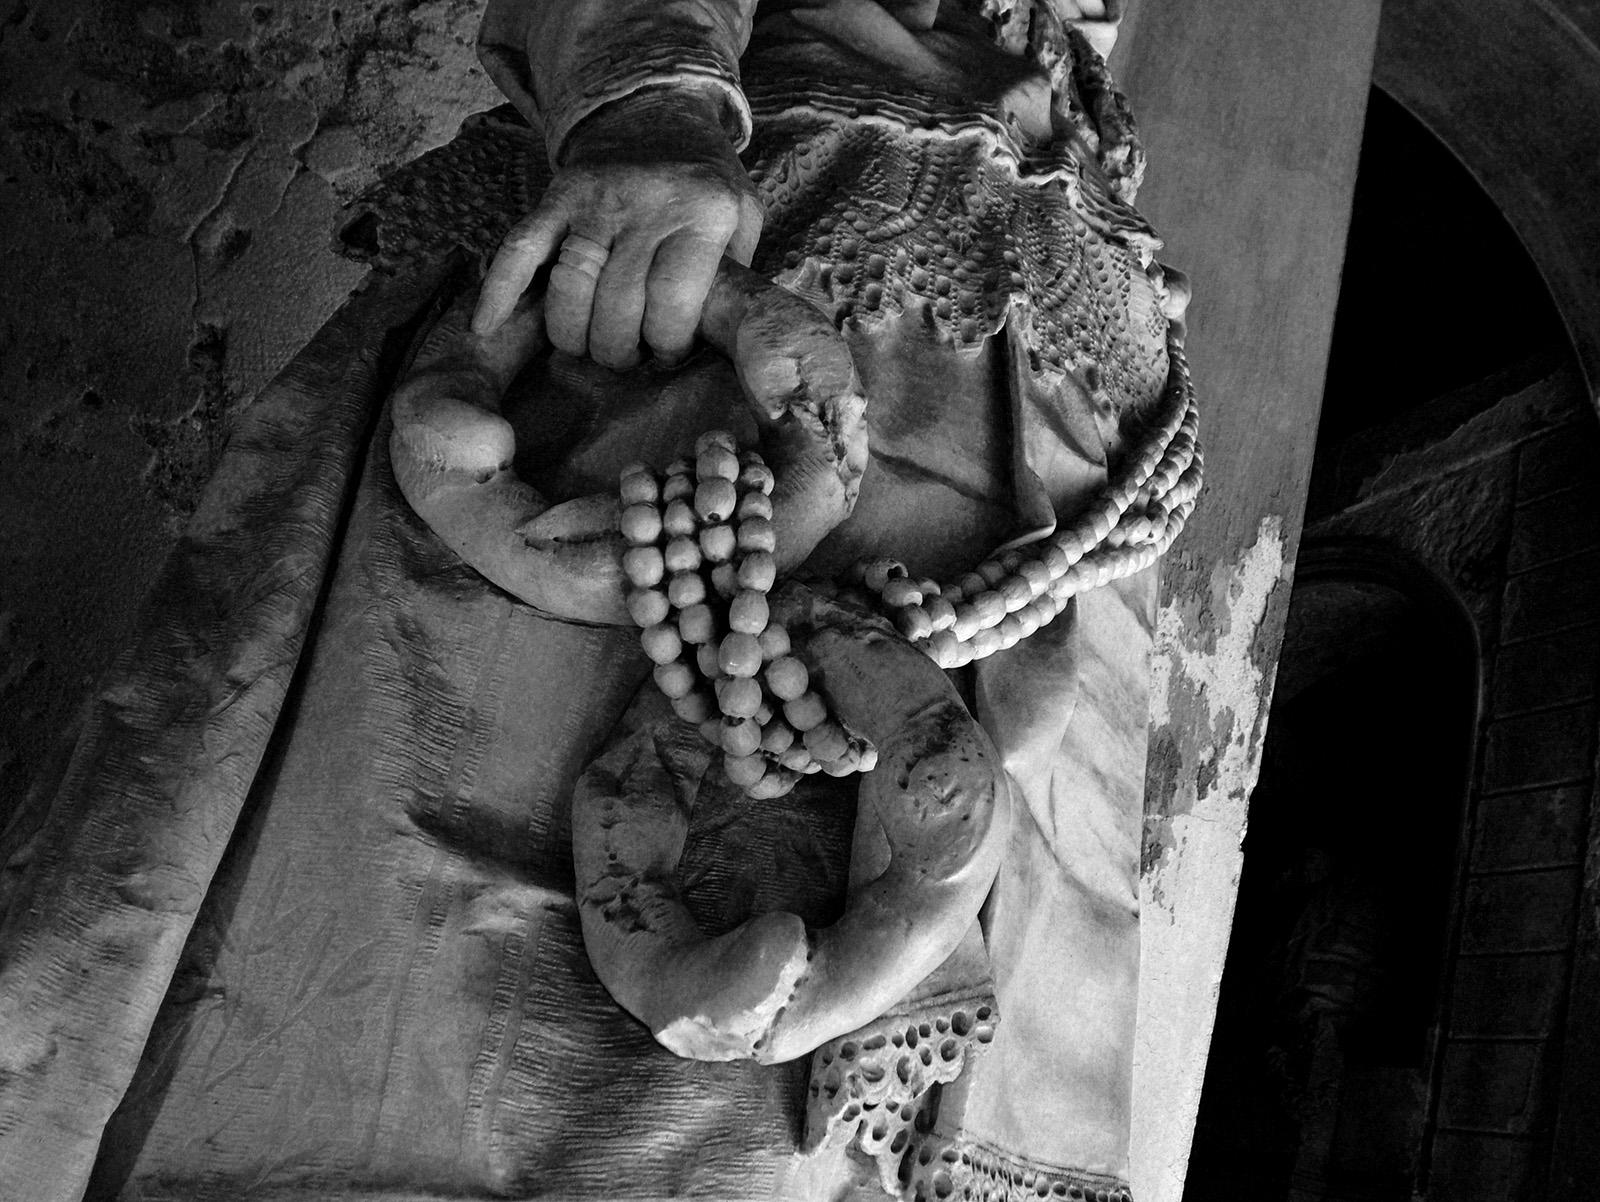 Detalle de la escultura de Caterina Campodonico en el Cementerio de Staglieno.